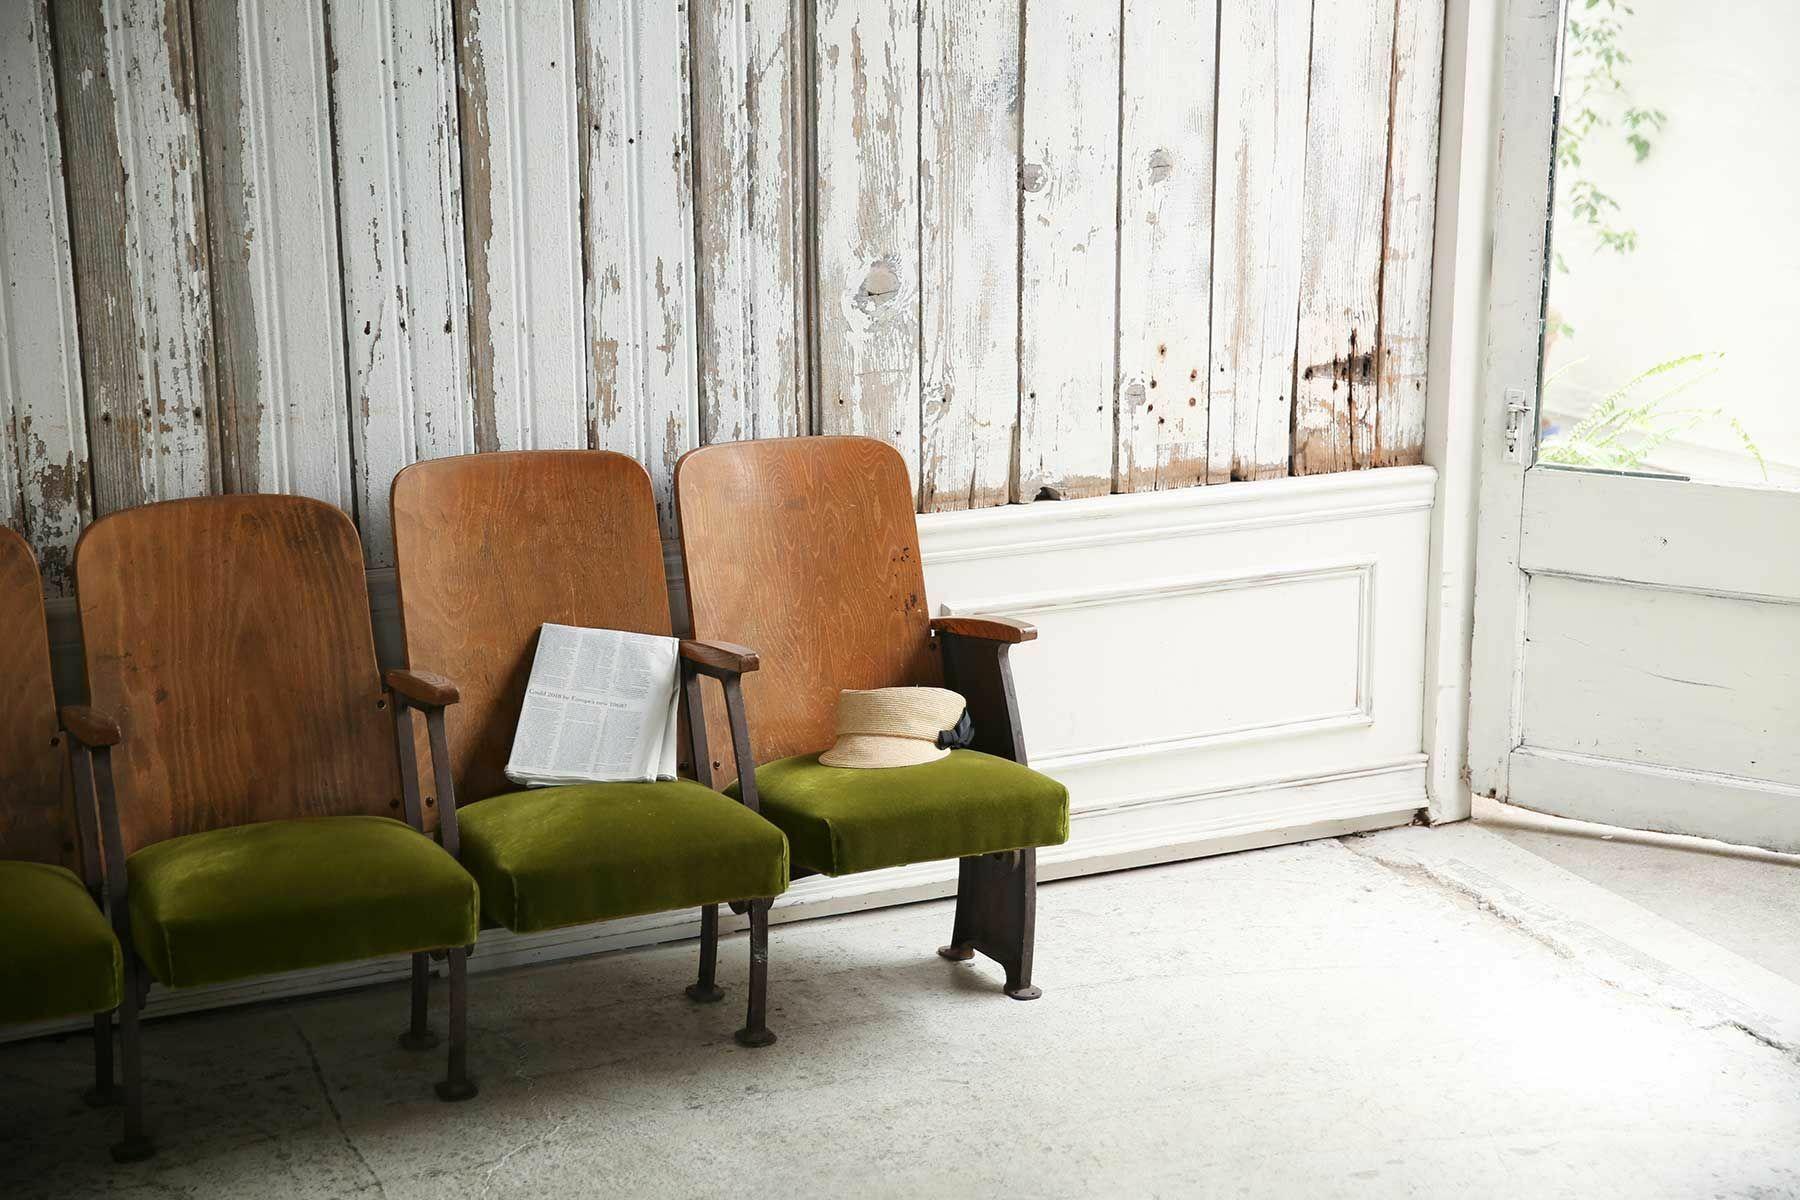 studio itto 目黒碑文谷1Fst (スタジオ イット)ロフトへの階段